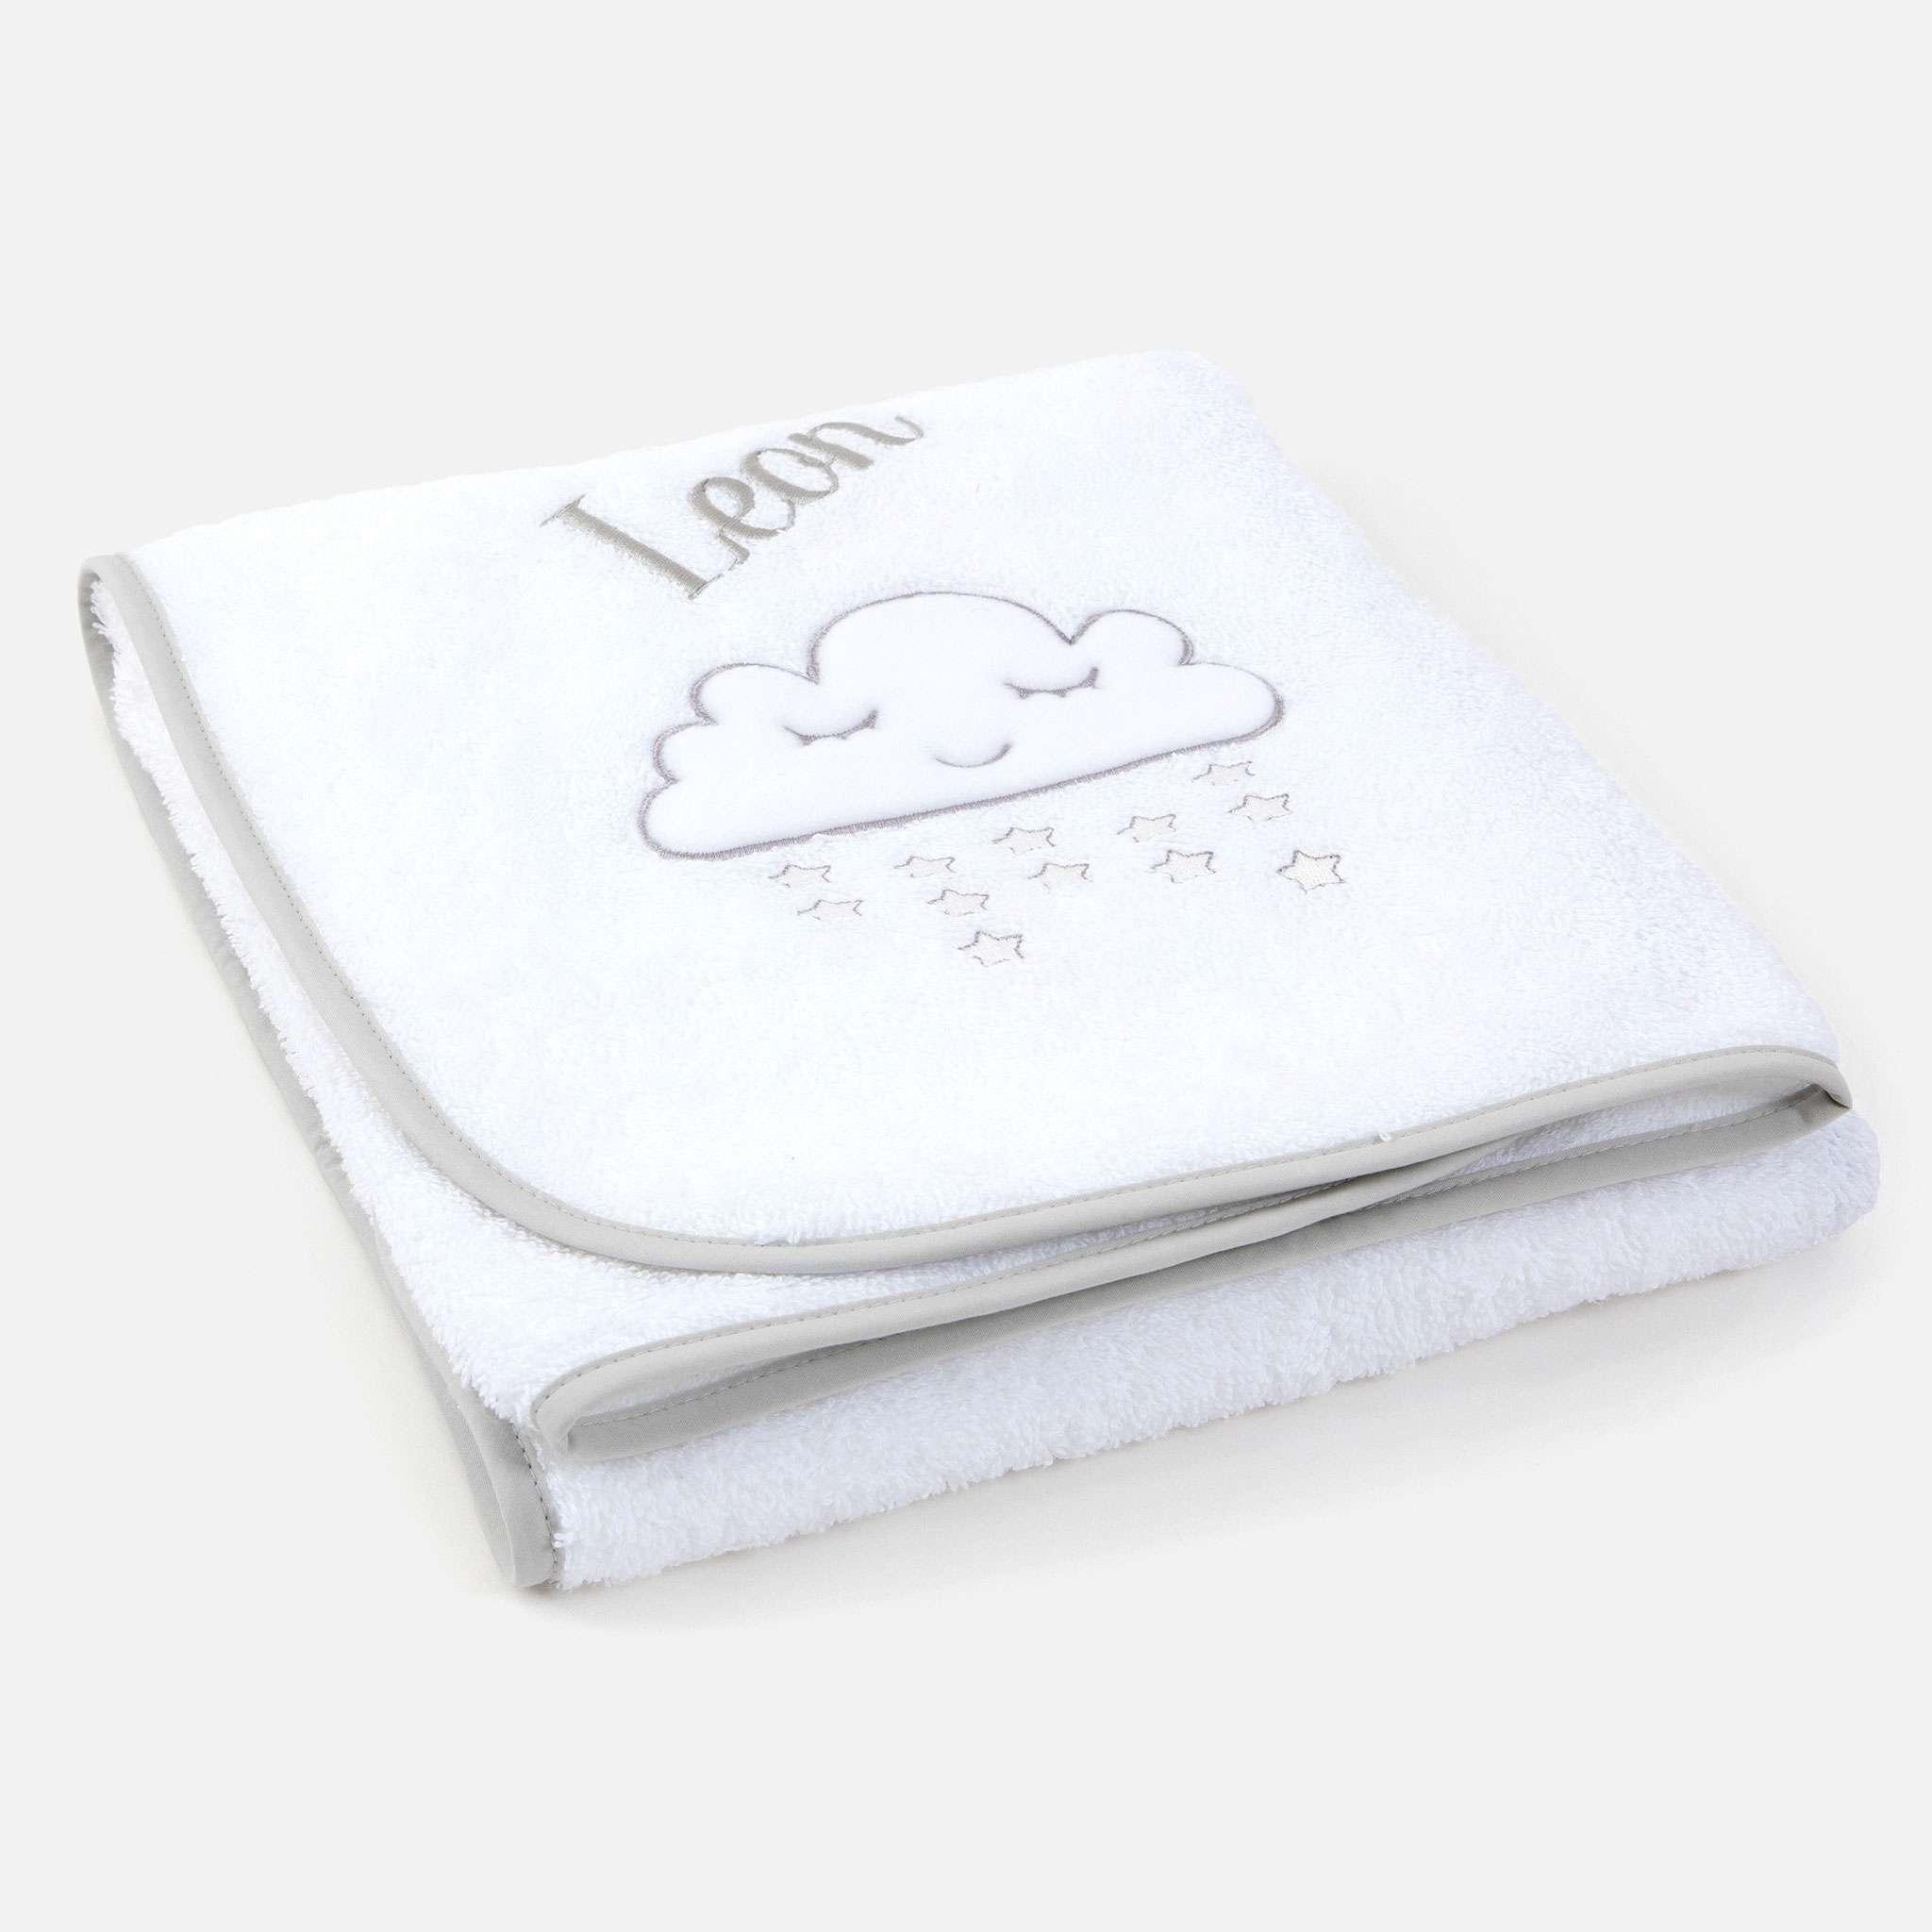 Clouds vauvan käsipyyhe 72x72 cm